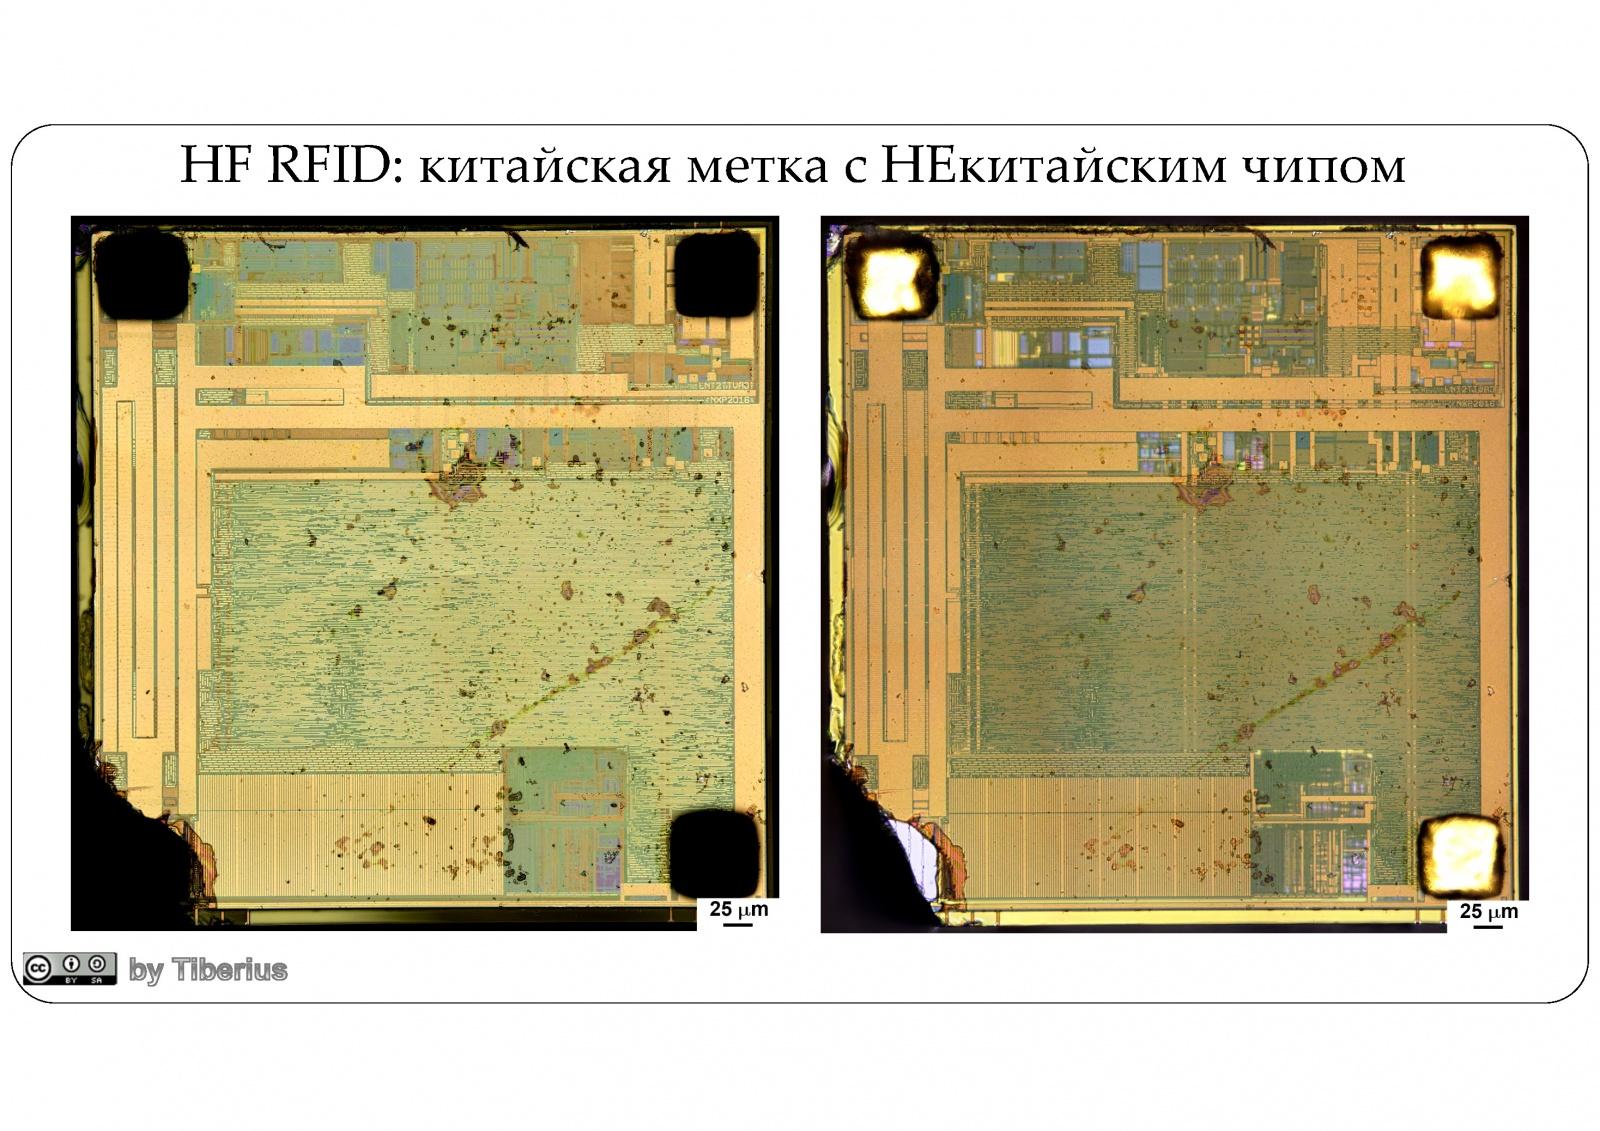 Взгляд изнутри: RFID в современном мире. Часть 2: китайские RFID - 8